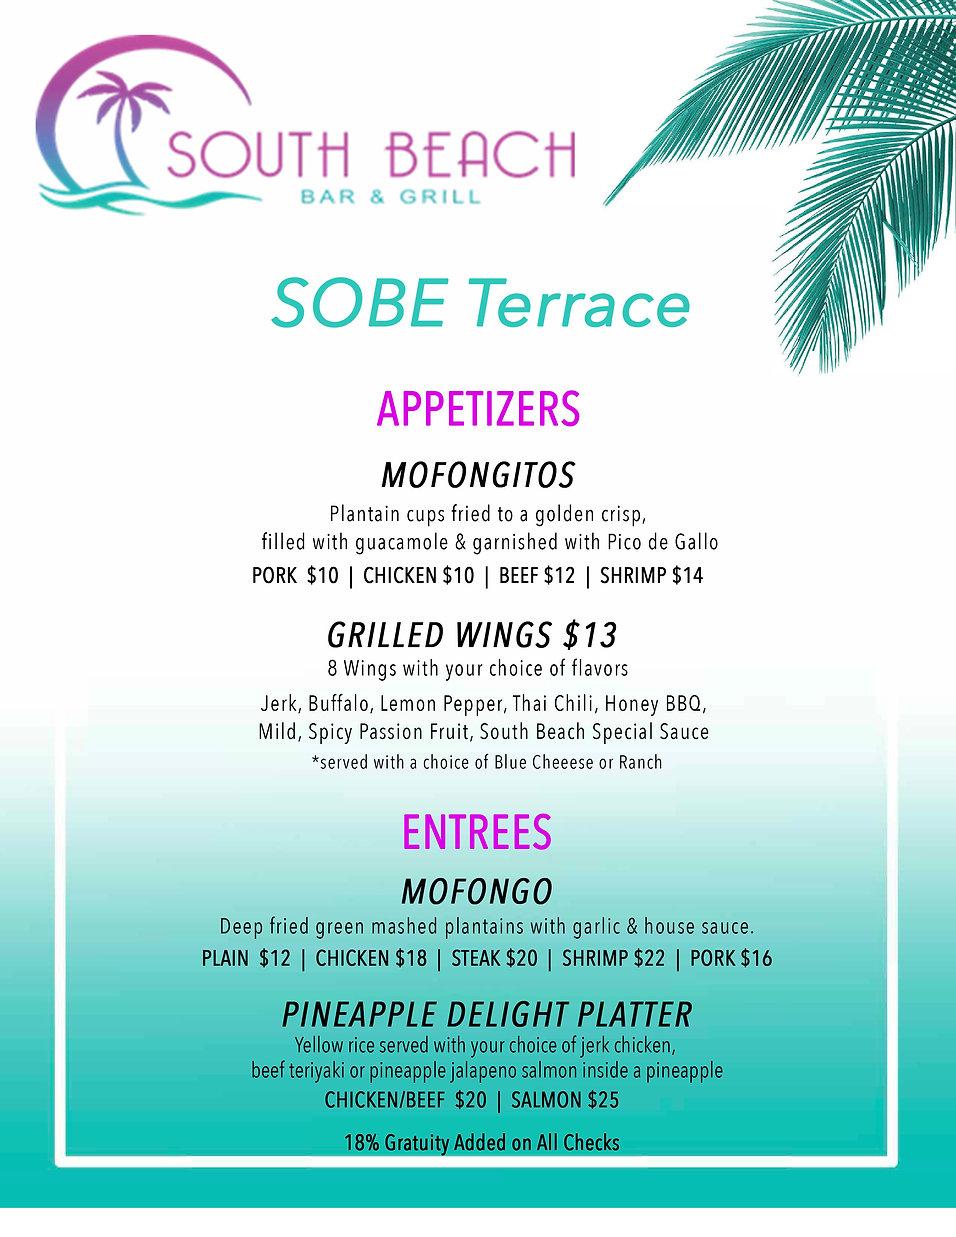 sobe terrace menu(1).jpeg